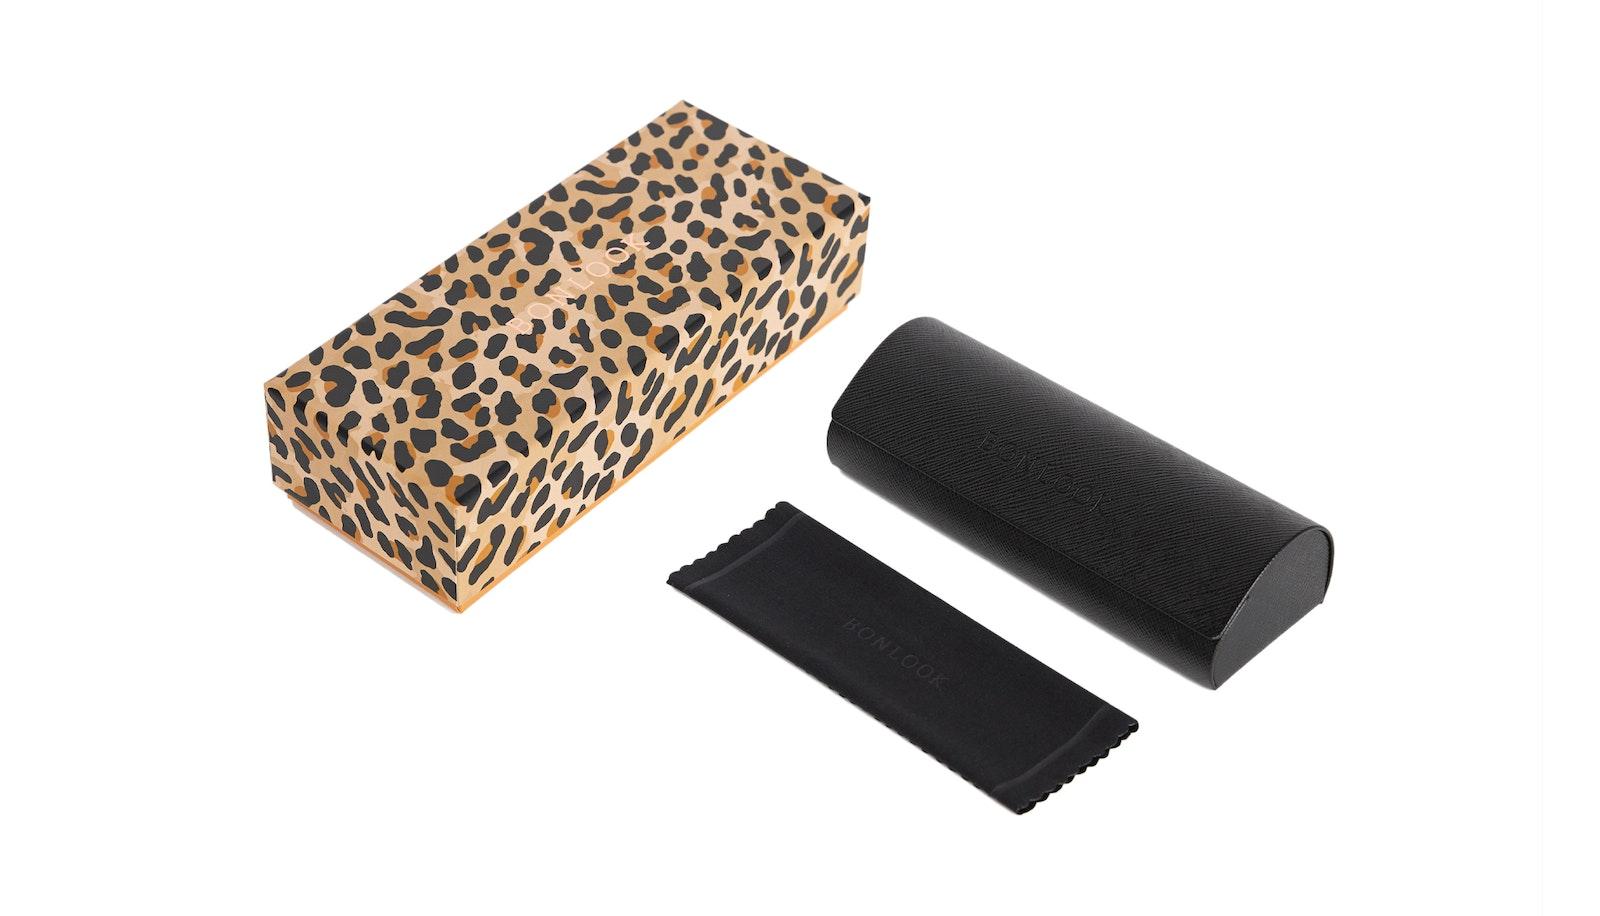 Lunettes tendance Accessoire Hommes Femmes New Classic Bonlook Case Leopard